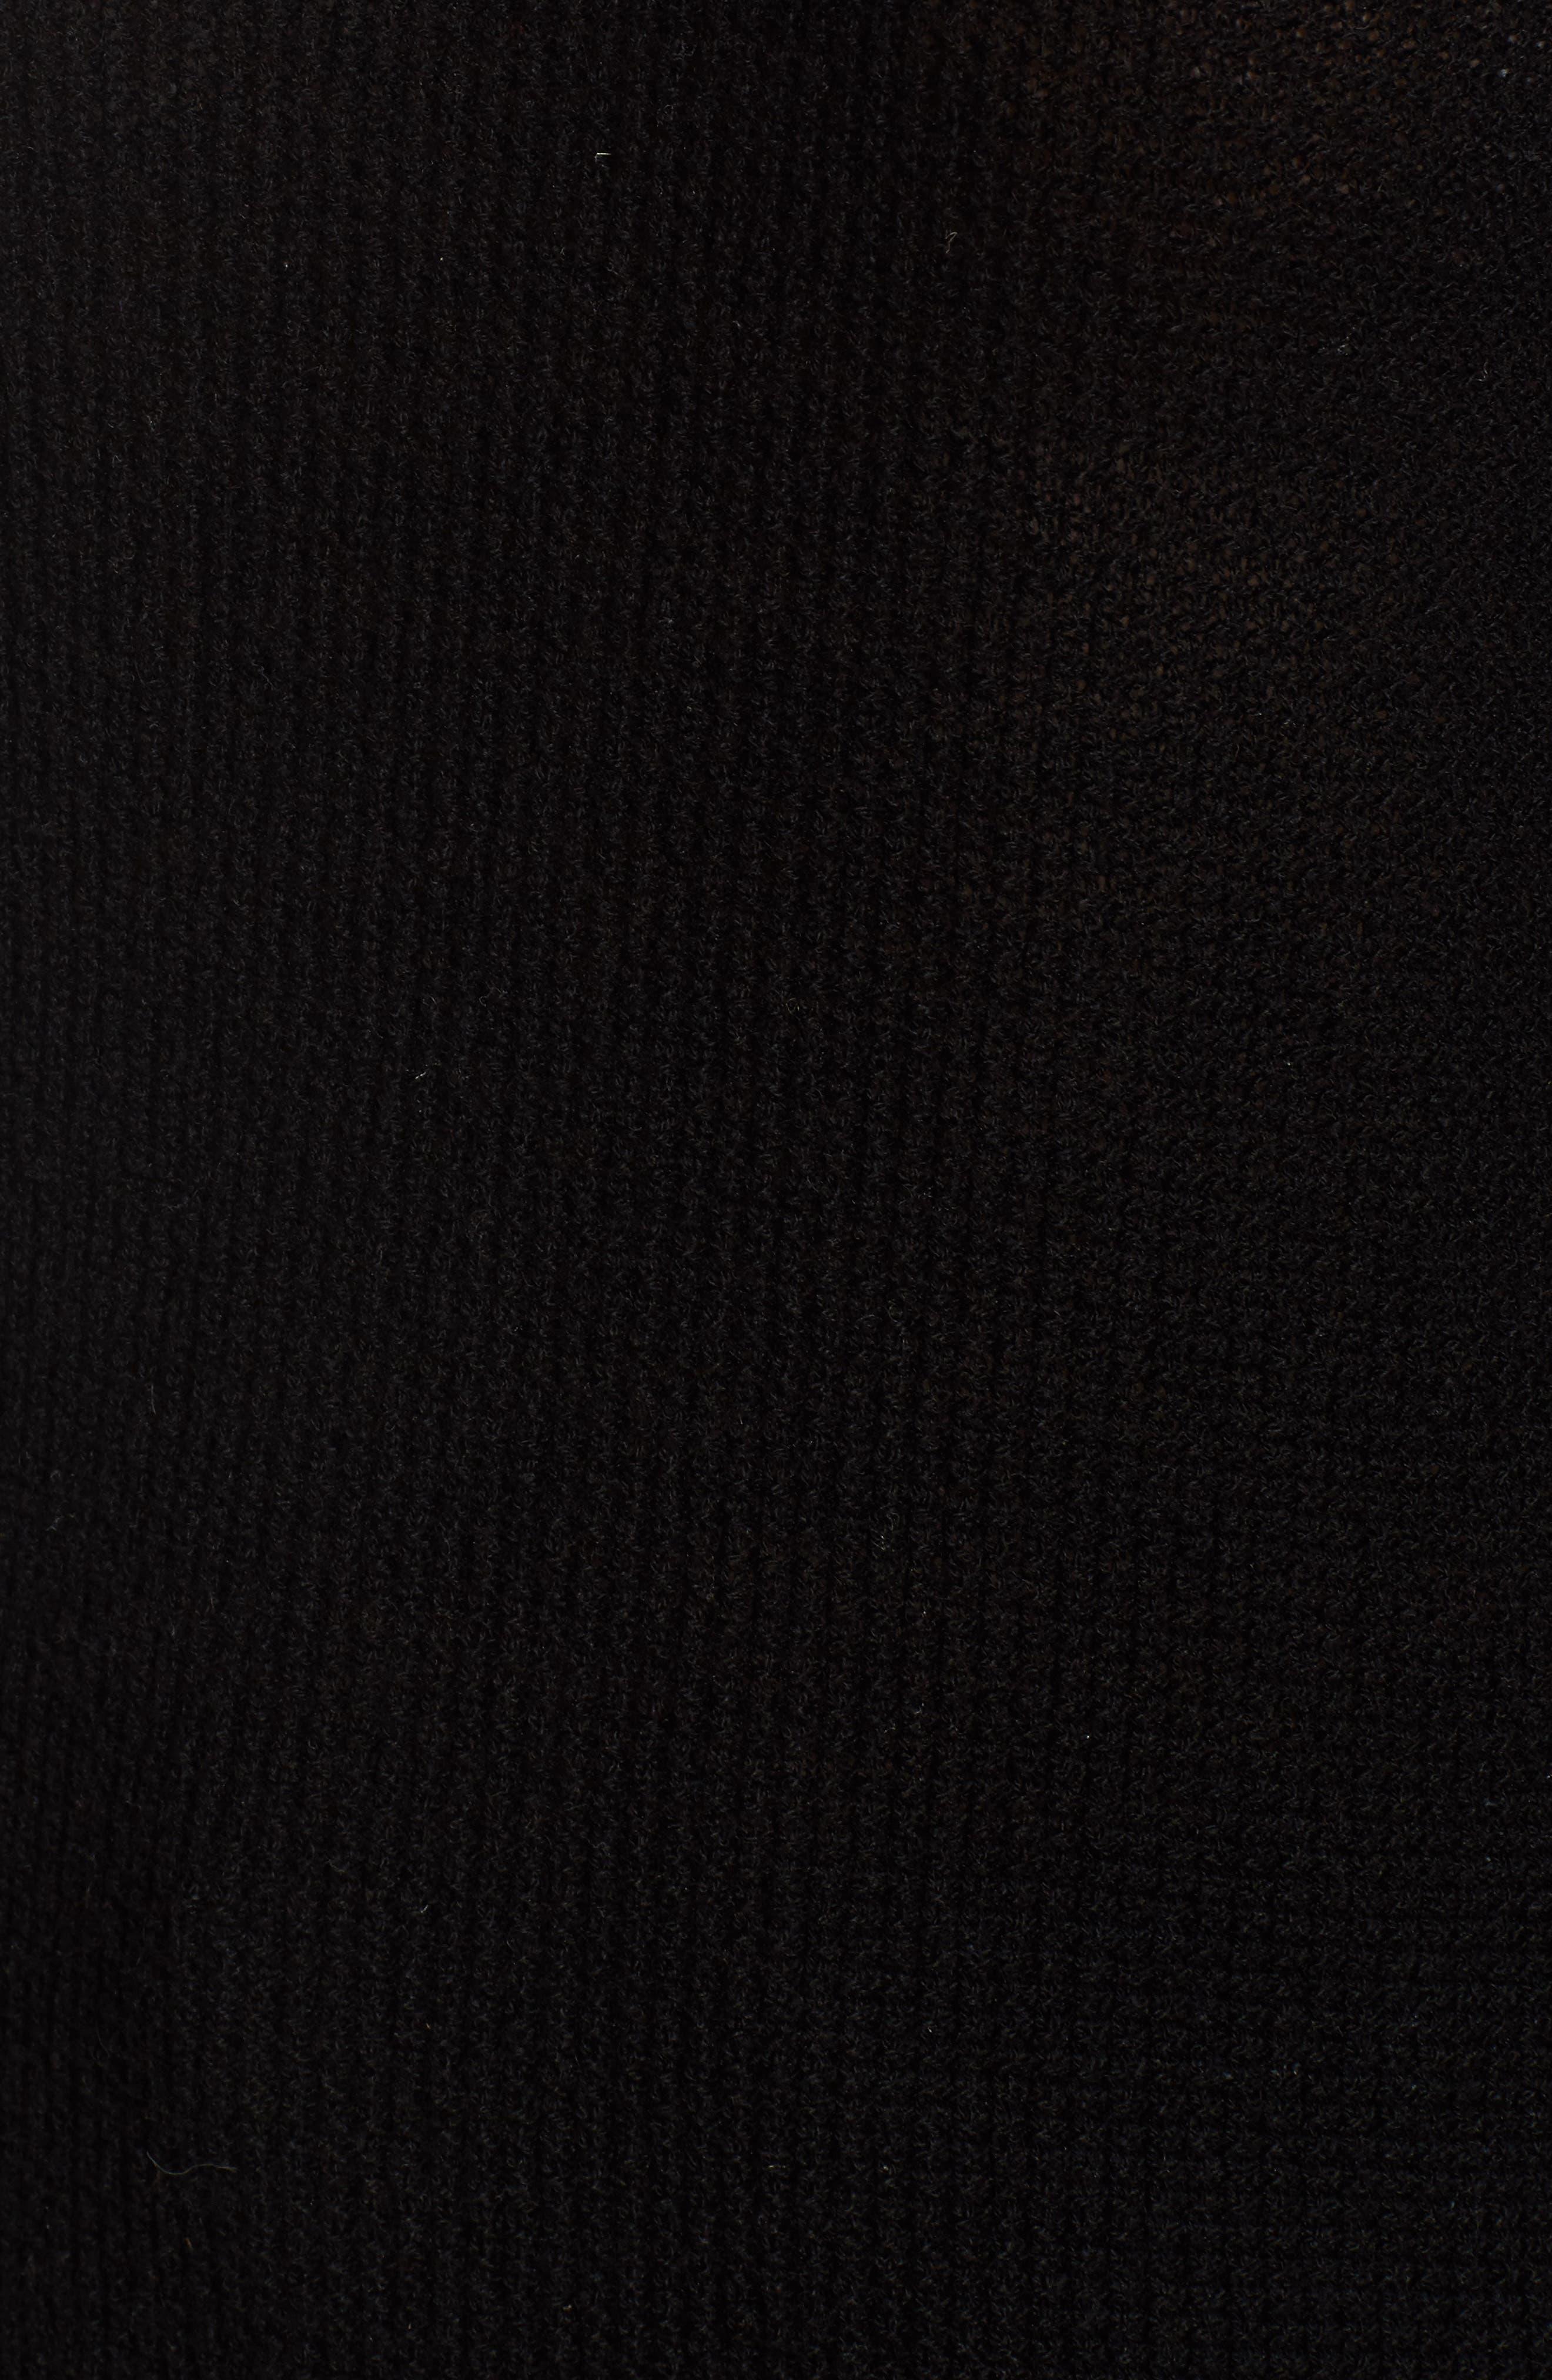 Jenni Turtleneck Sweater,                             Alternate thumbnail 5, color,                             001